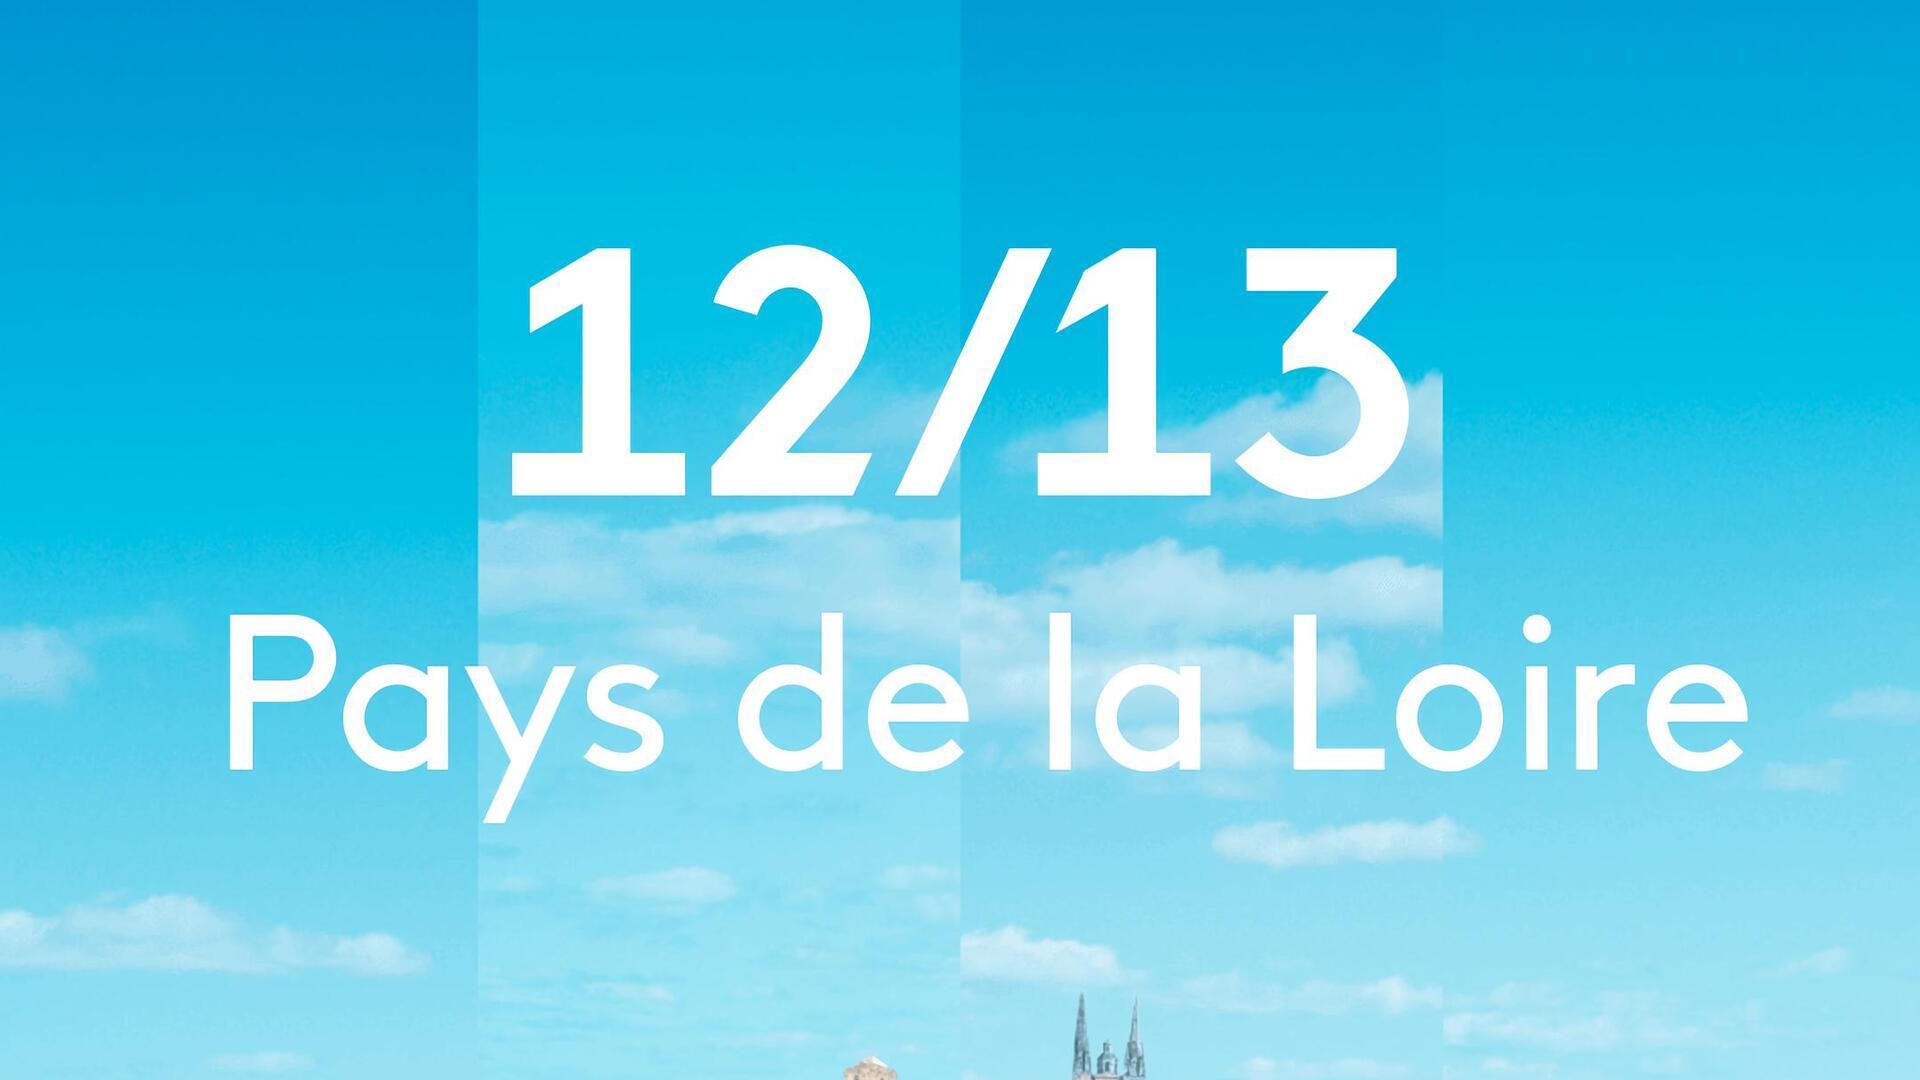 12/13 Pays de la Loire